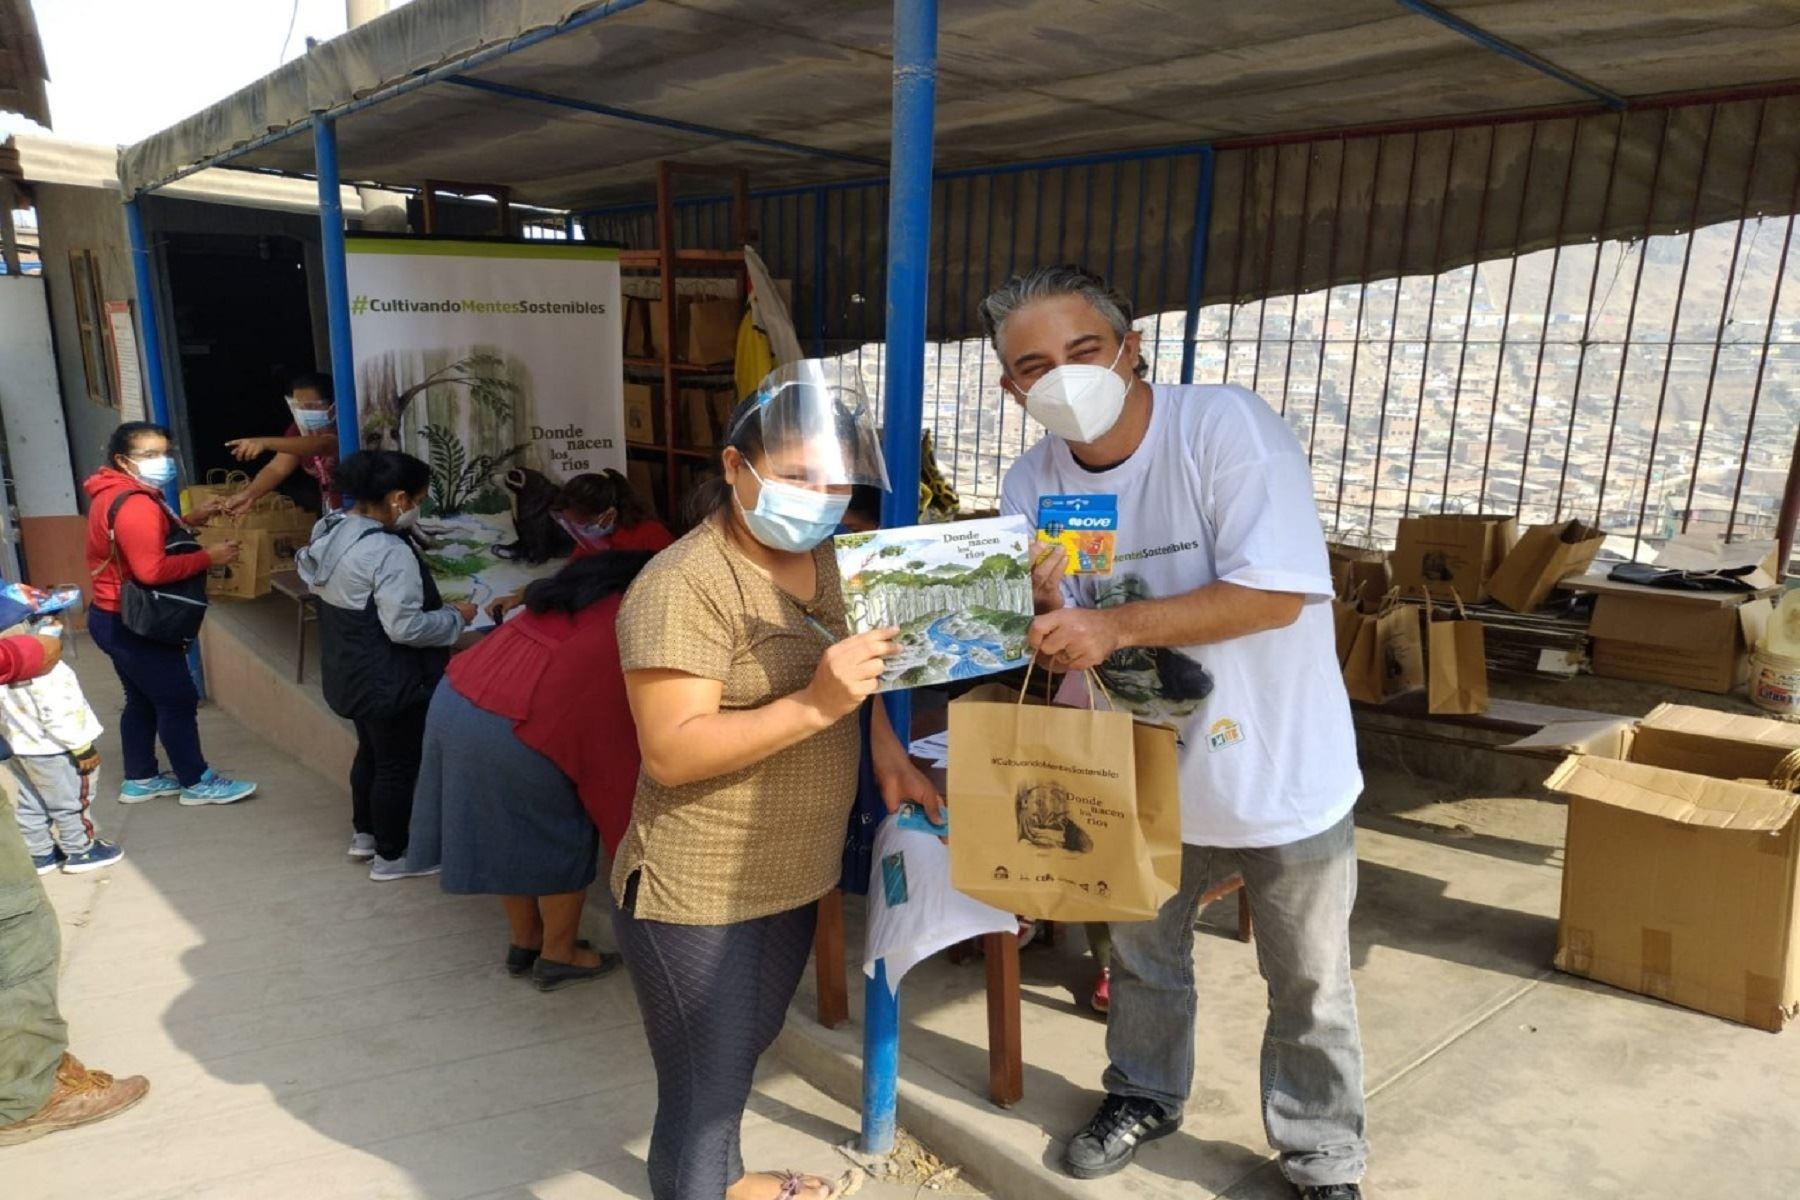 Pasco recibe donativo de paquetes educativos para incentivar la lectura en 1200 familias. Foto: Difusión